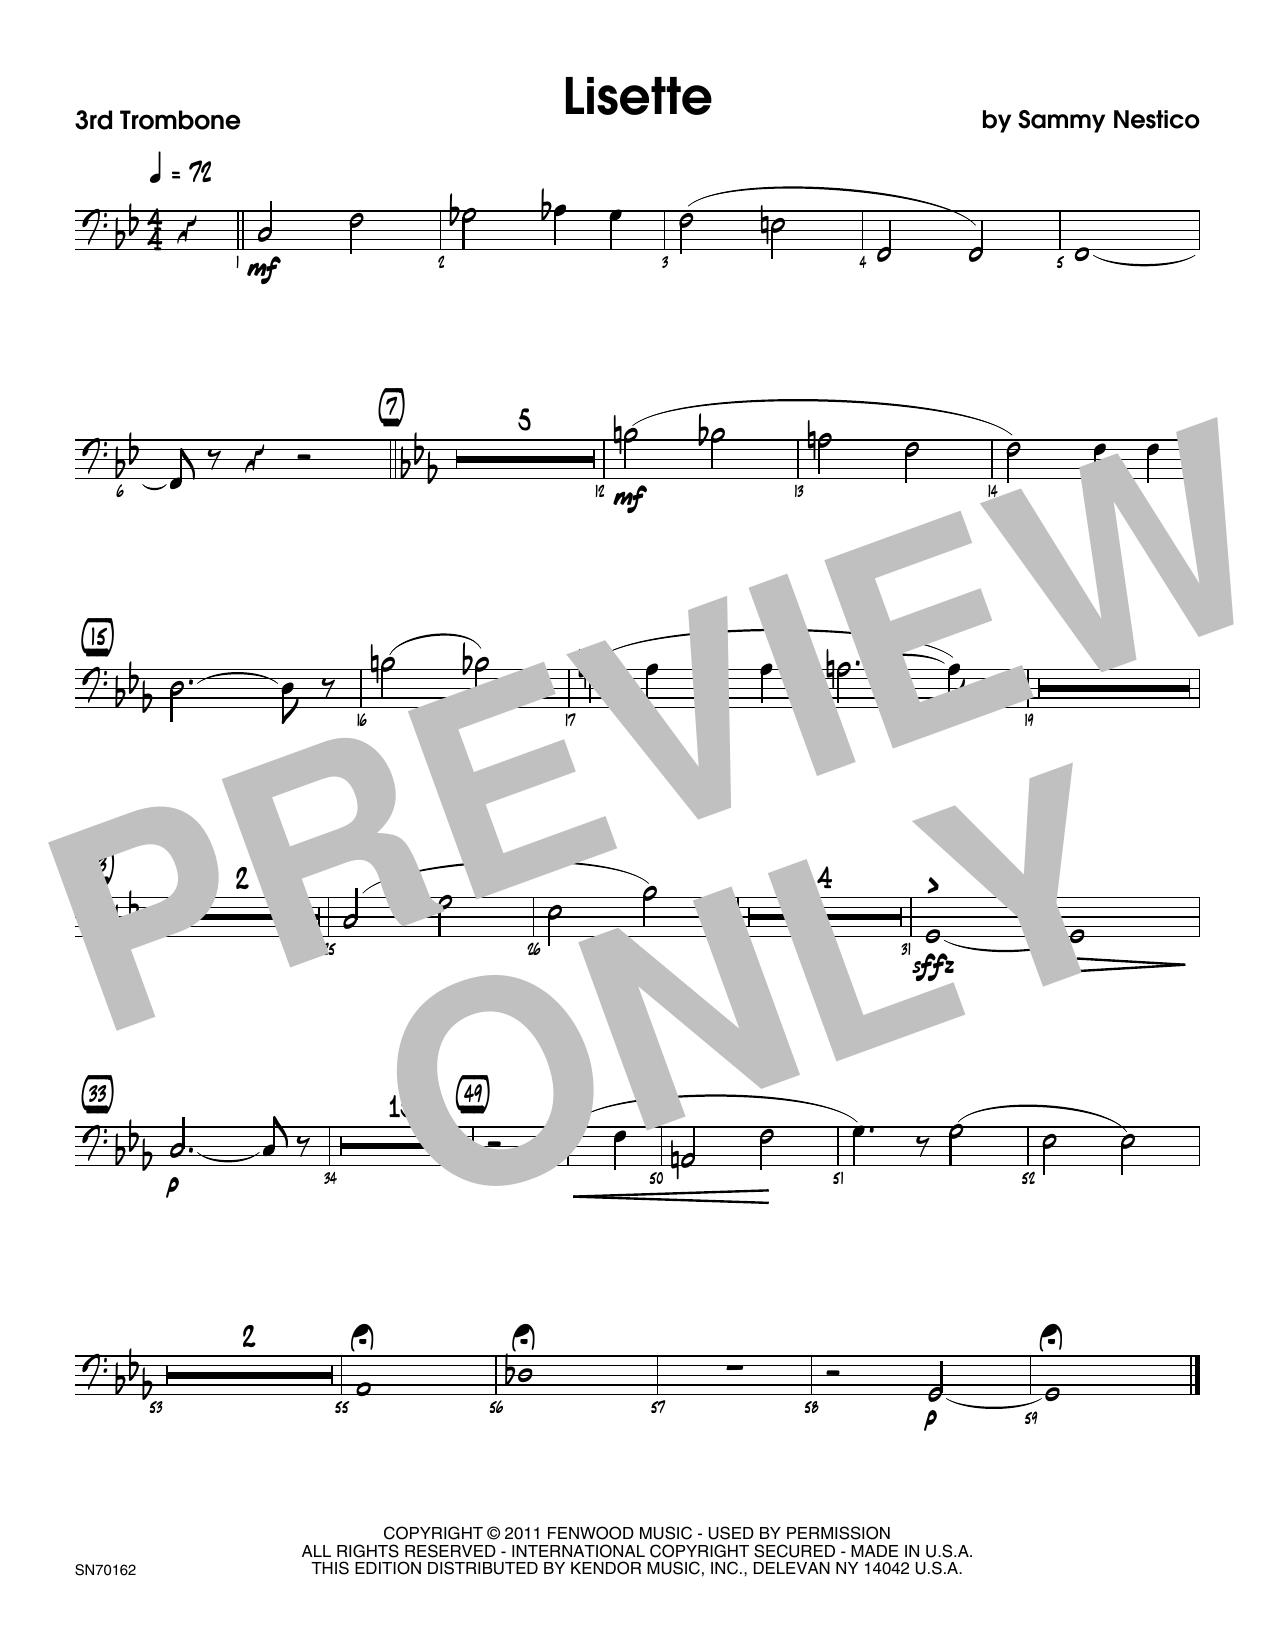 Lisette - 3rd Trombone Sheet Music